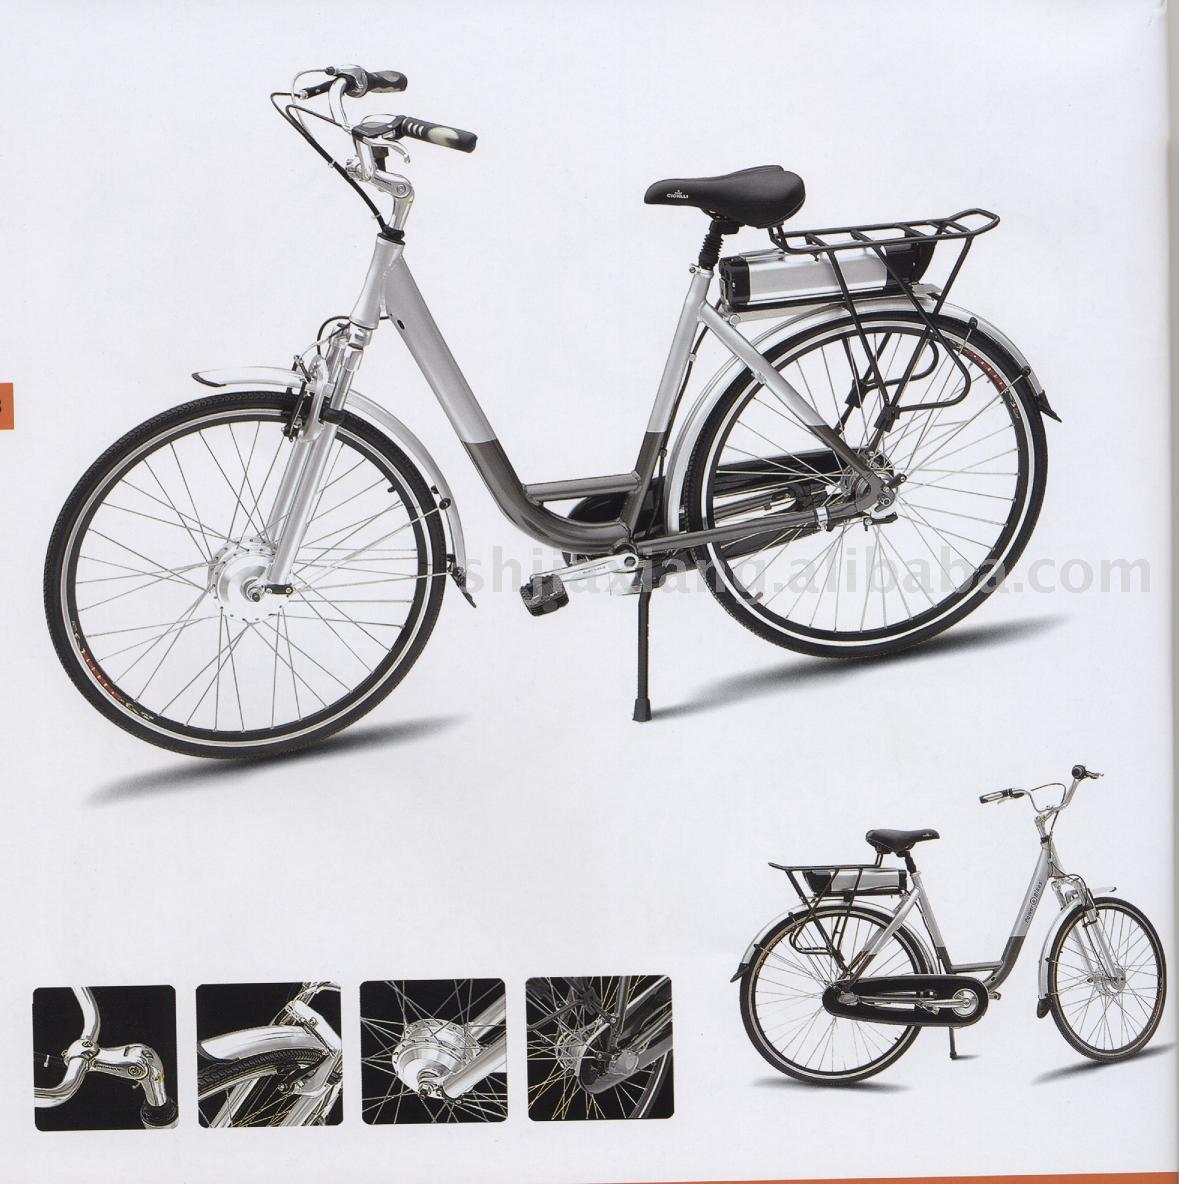 JX08N e-bike